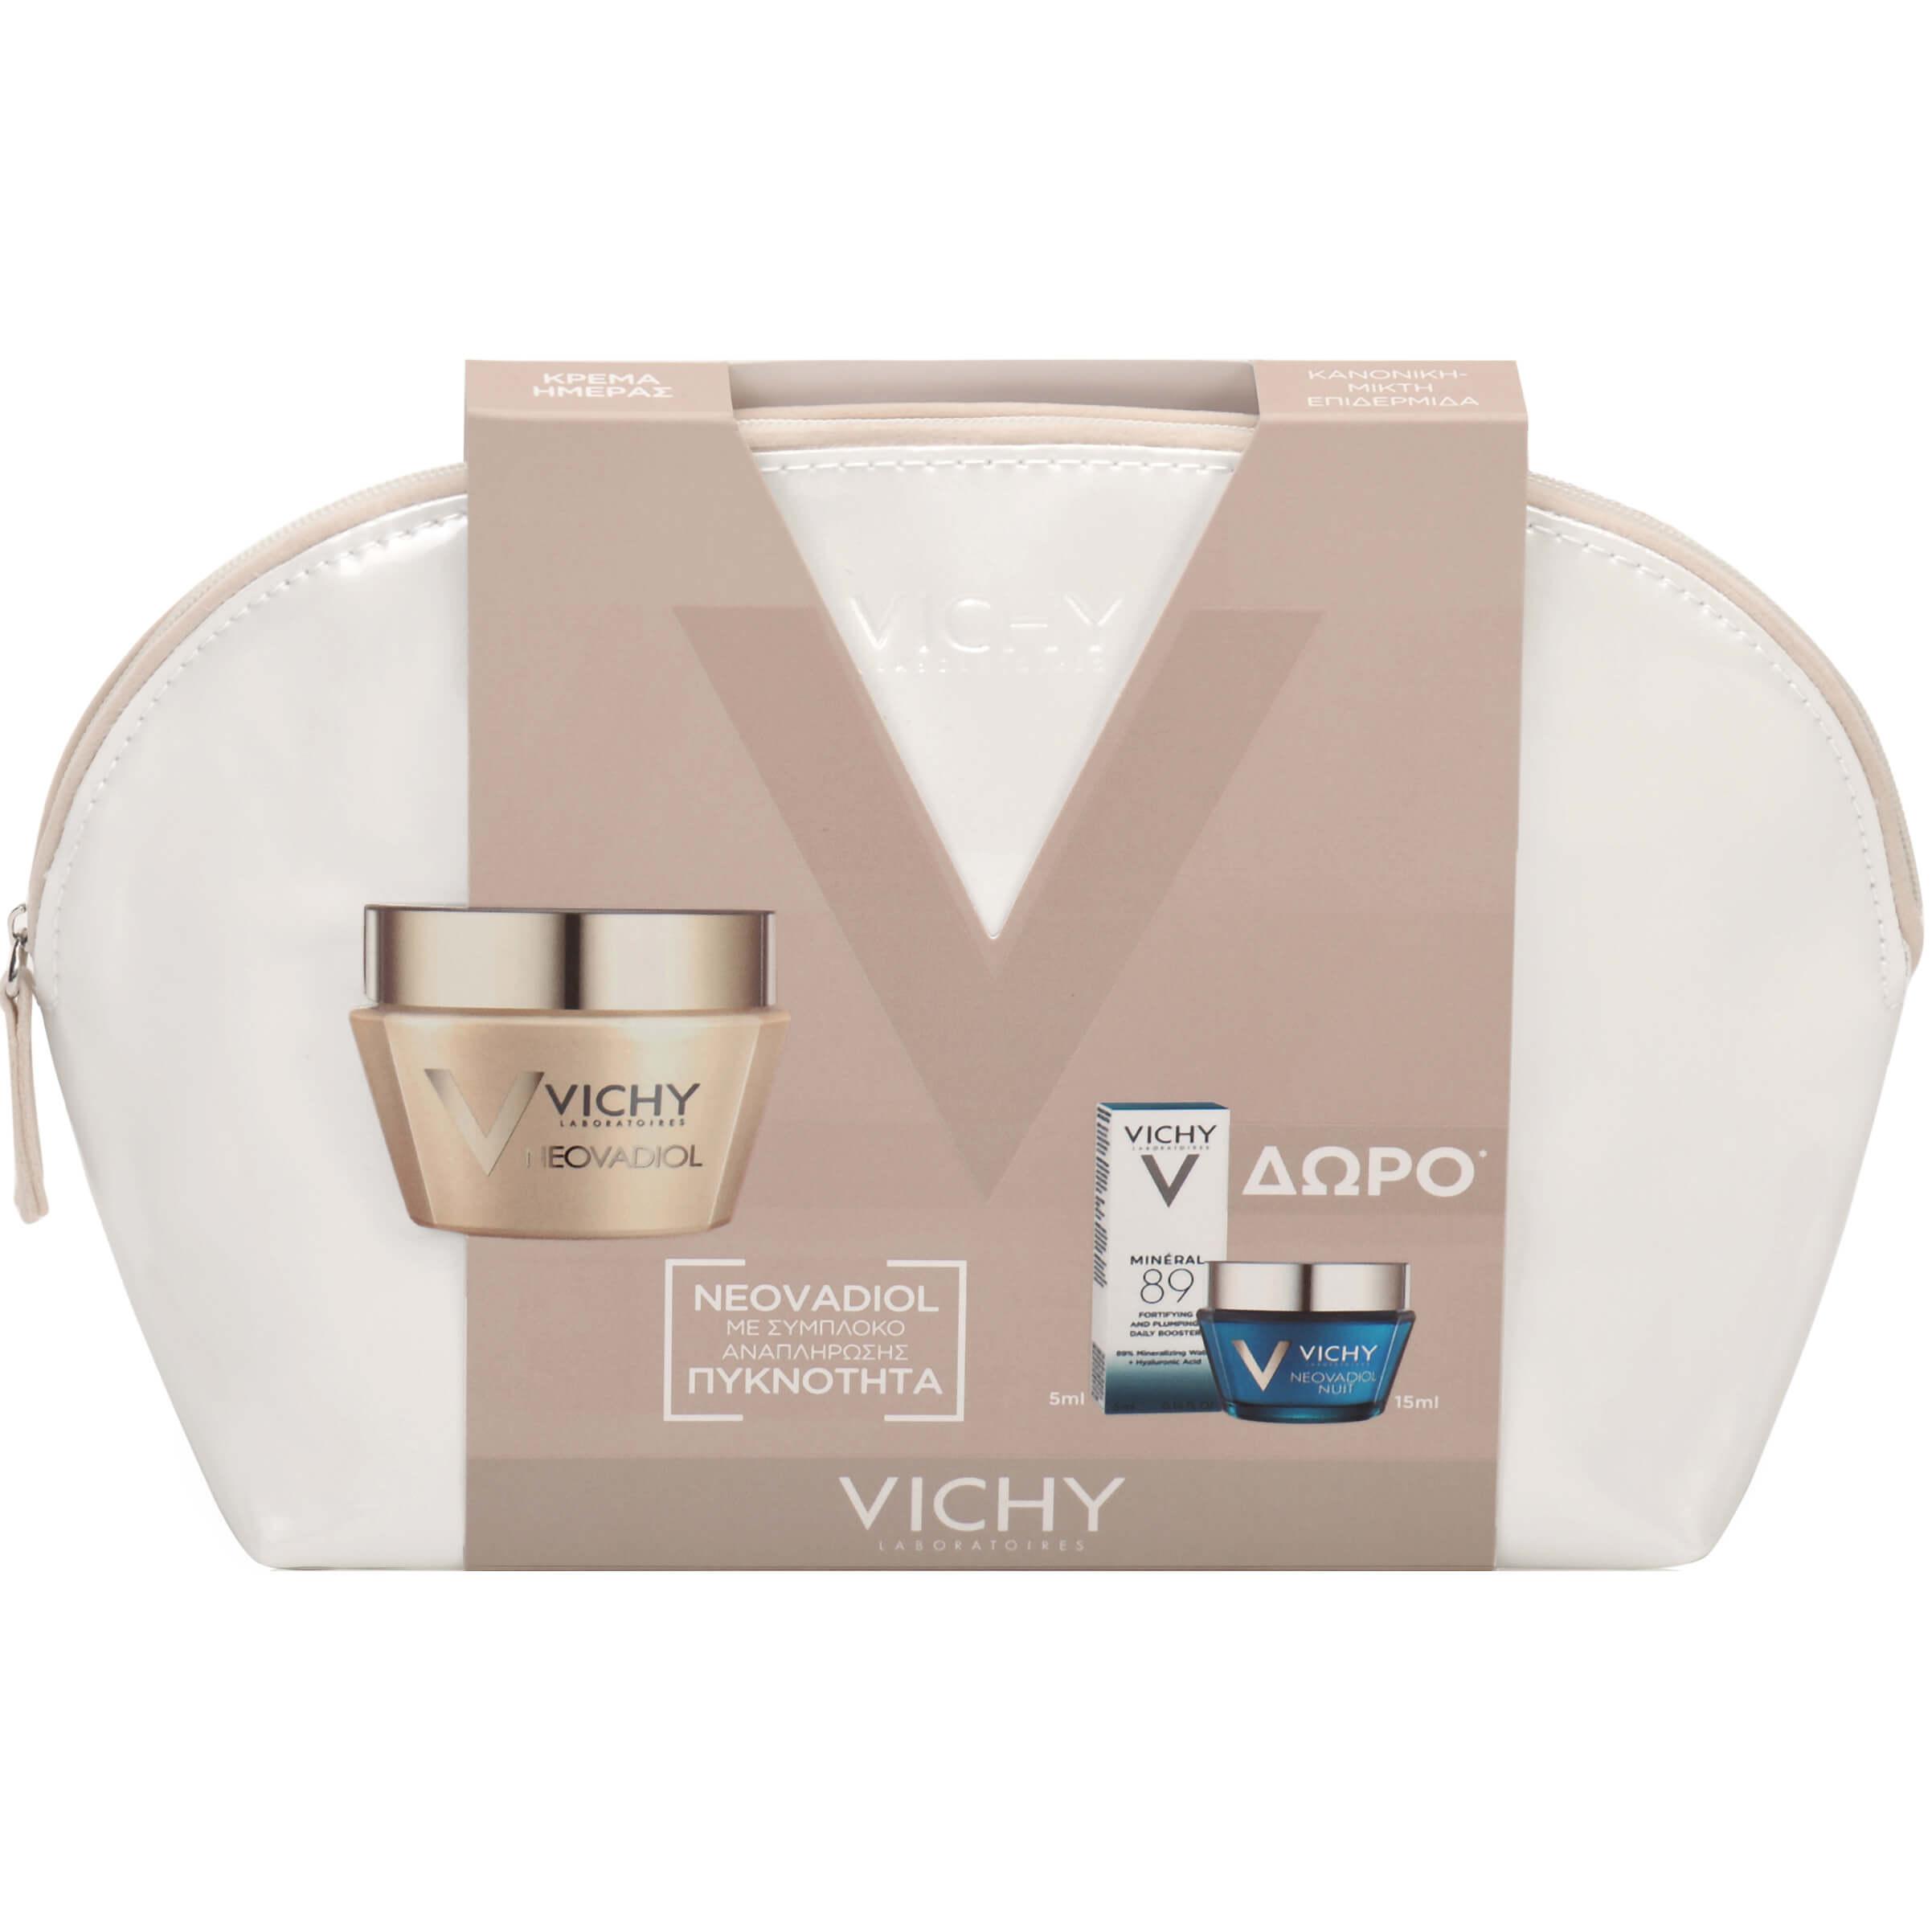 Vichy Πακέτο Προσφοράς Neovadiol Κρέμα Ημέρας για Ξηρές 50ml & Neovadiol Nuit 15ml & Mineral 89 Booster 5ml